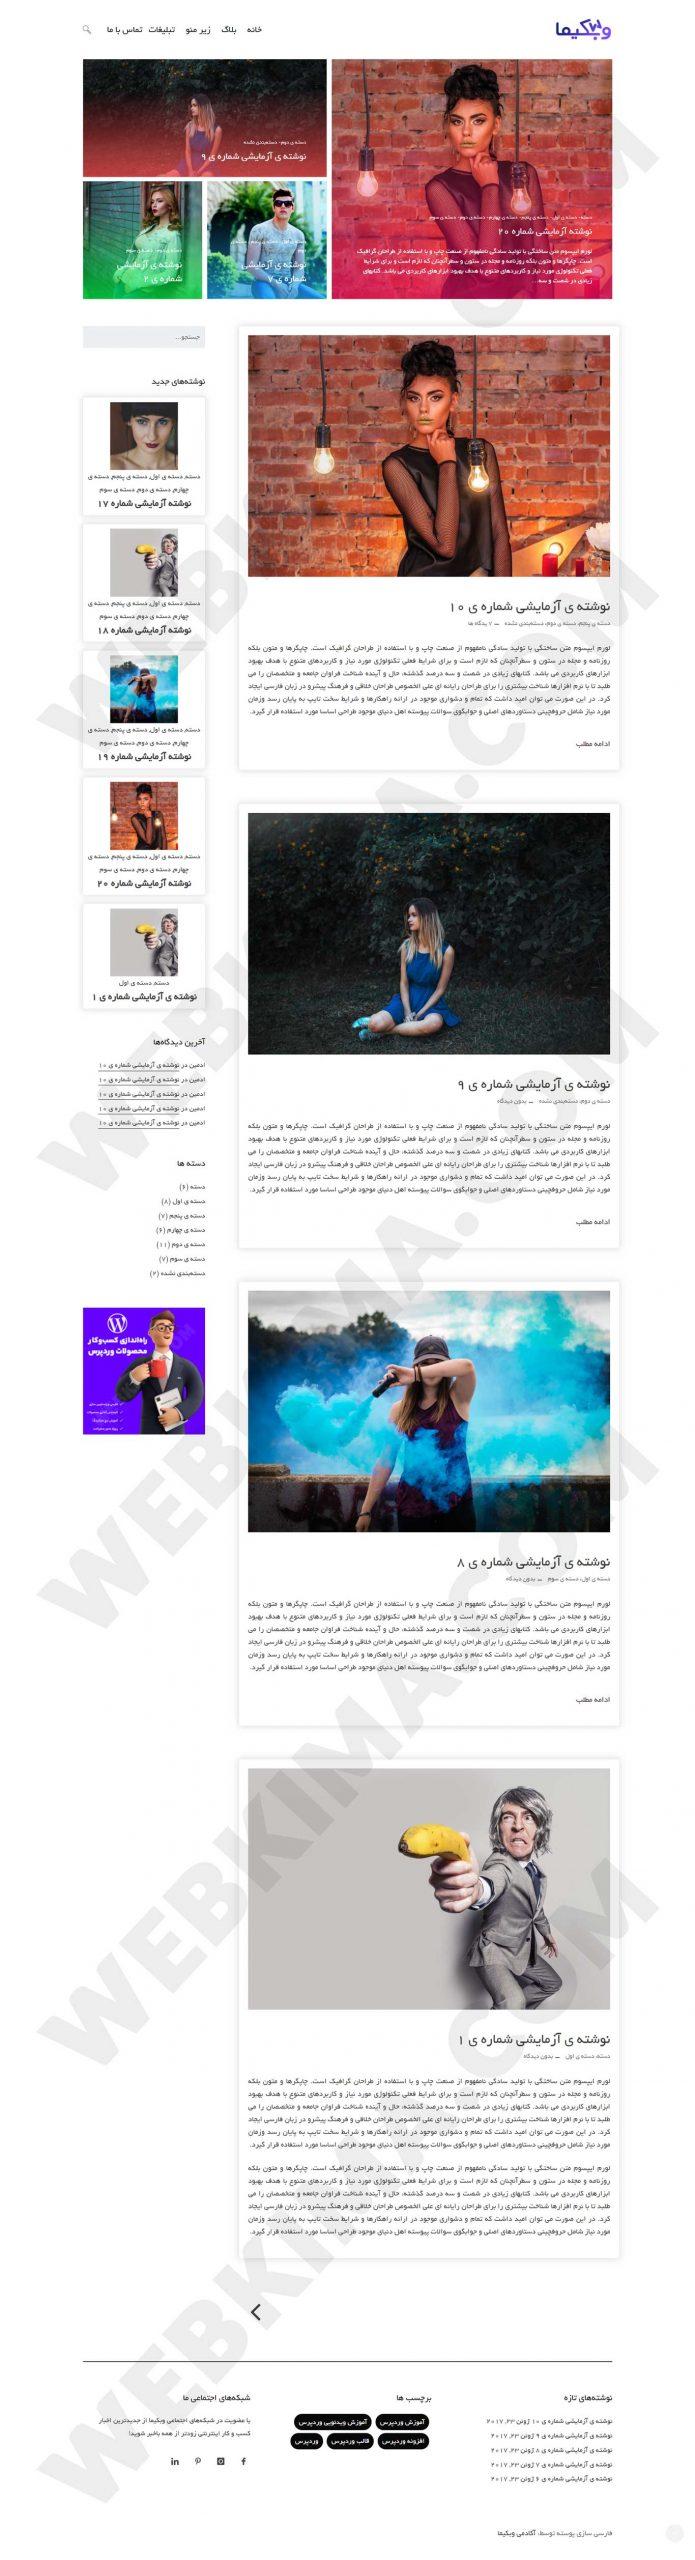 دموی فارسی قالب وبلاگی Moscow